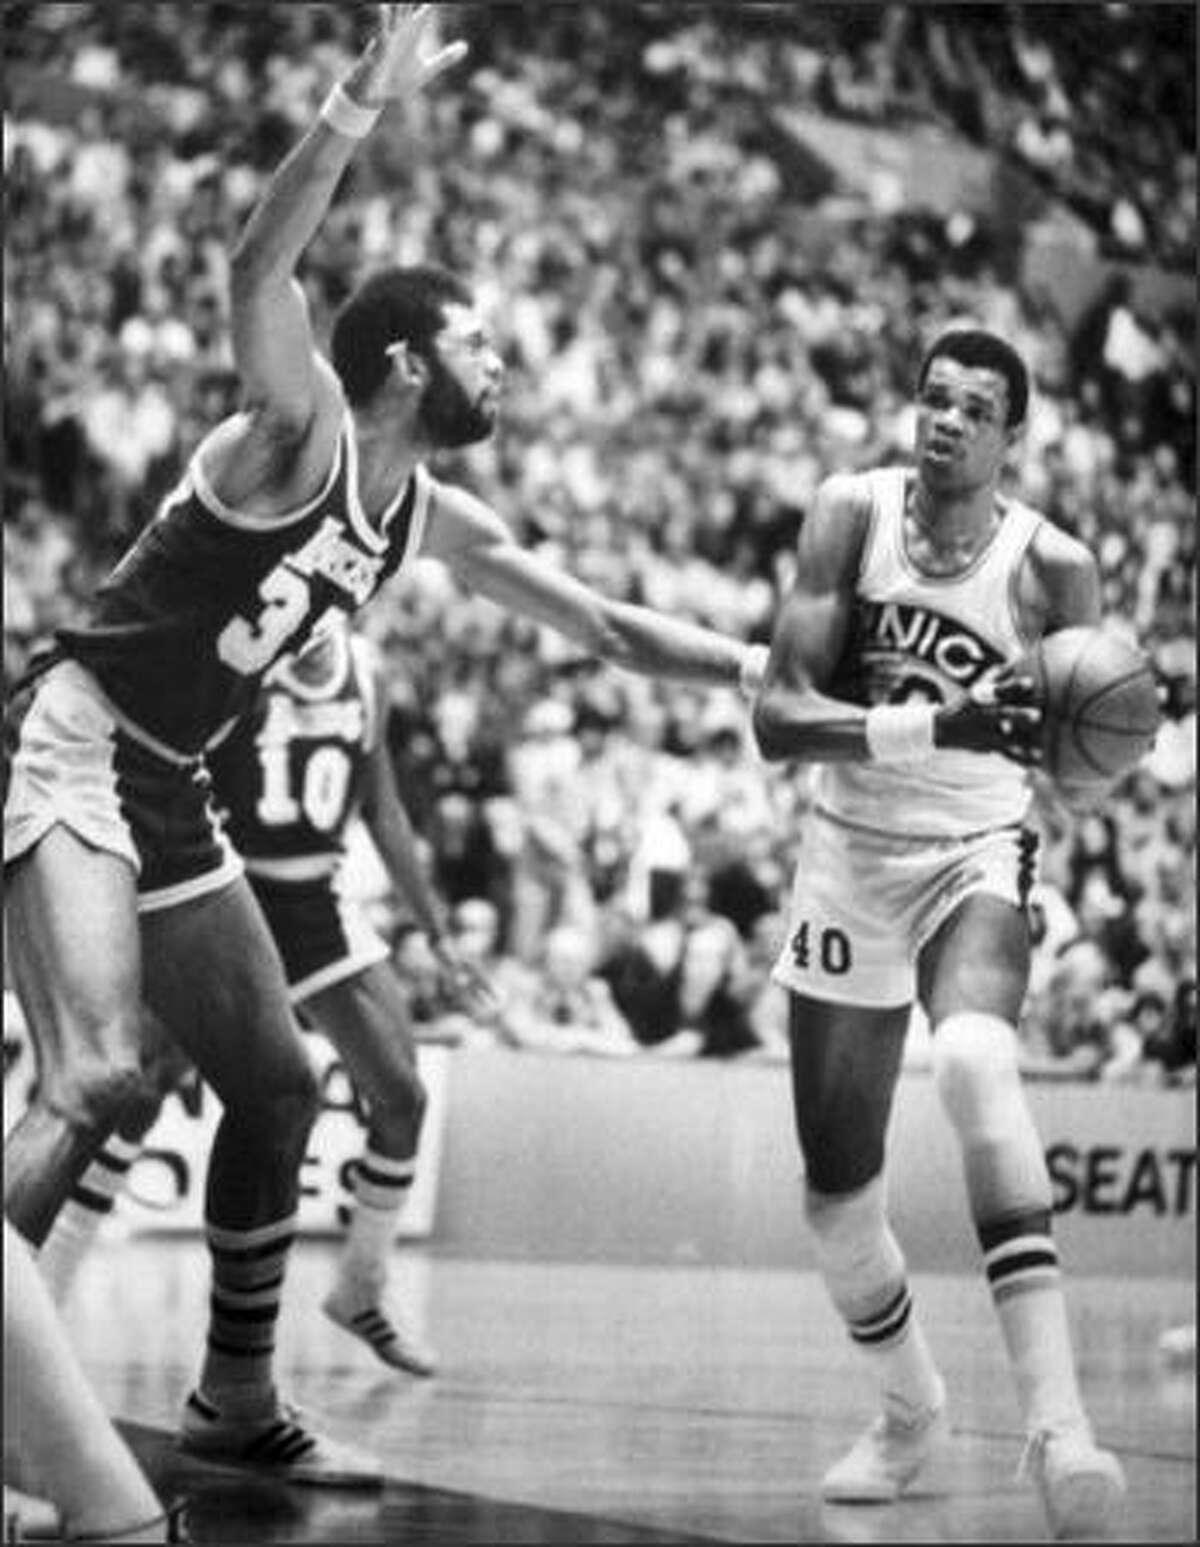 Marvin Webster faces Kareem Abdul-Jabbar in April 1978. (Seattlepi.com file photo)